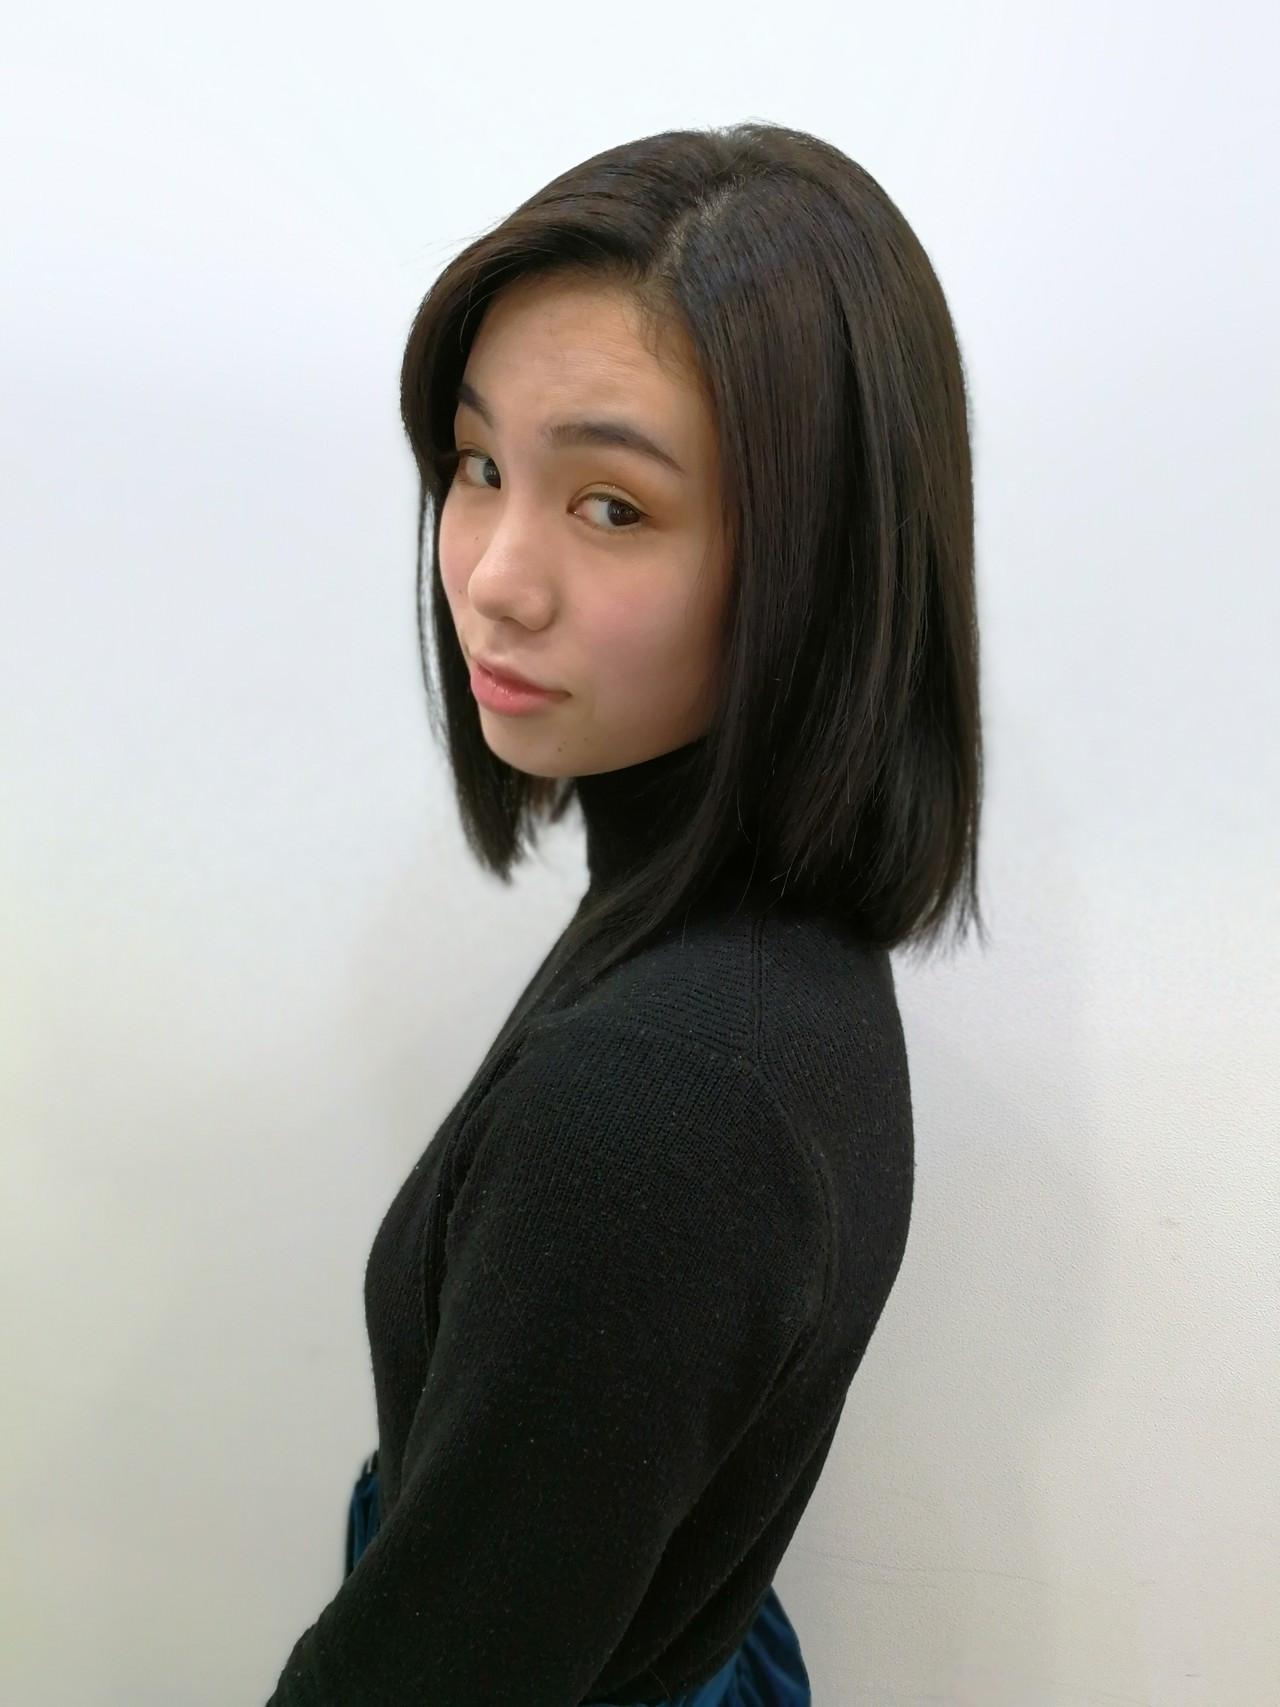 ミディアム ダークアッシュ 黒髪 ナチュラル ヘアスタイルや髪型の写真・画像